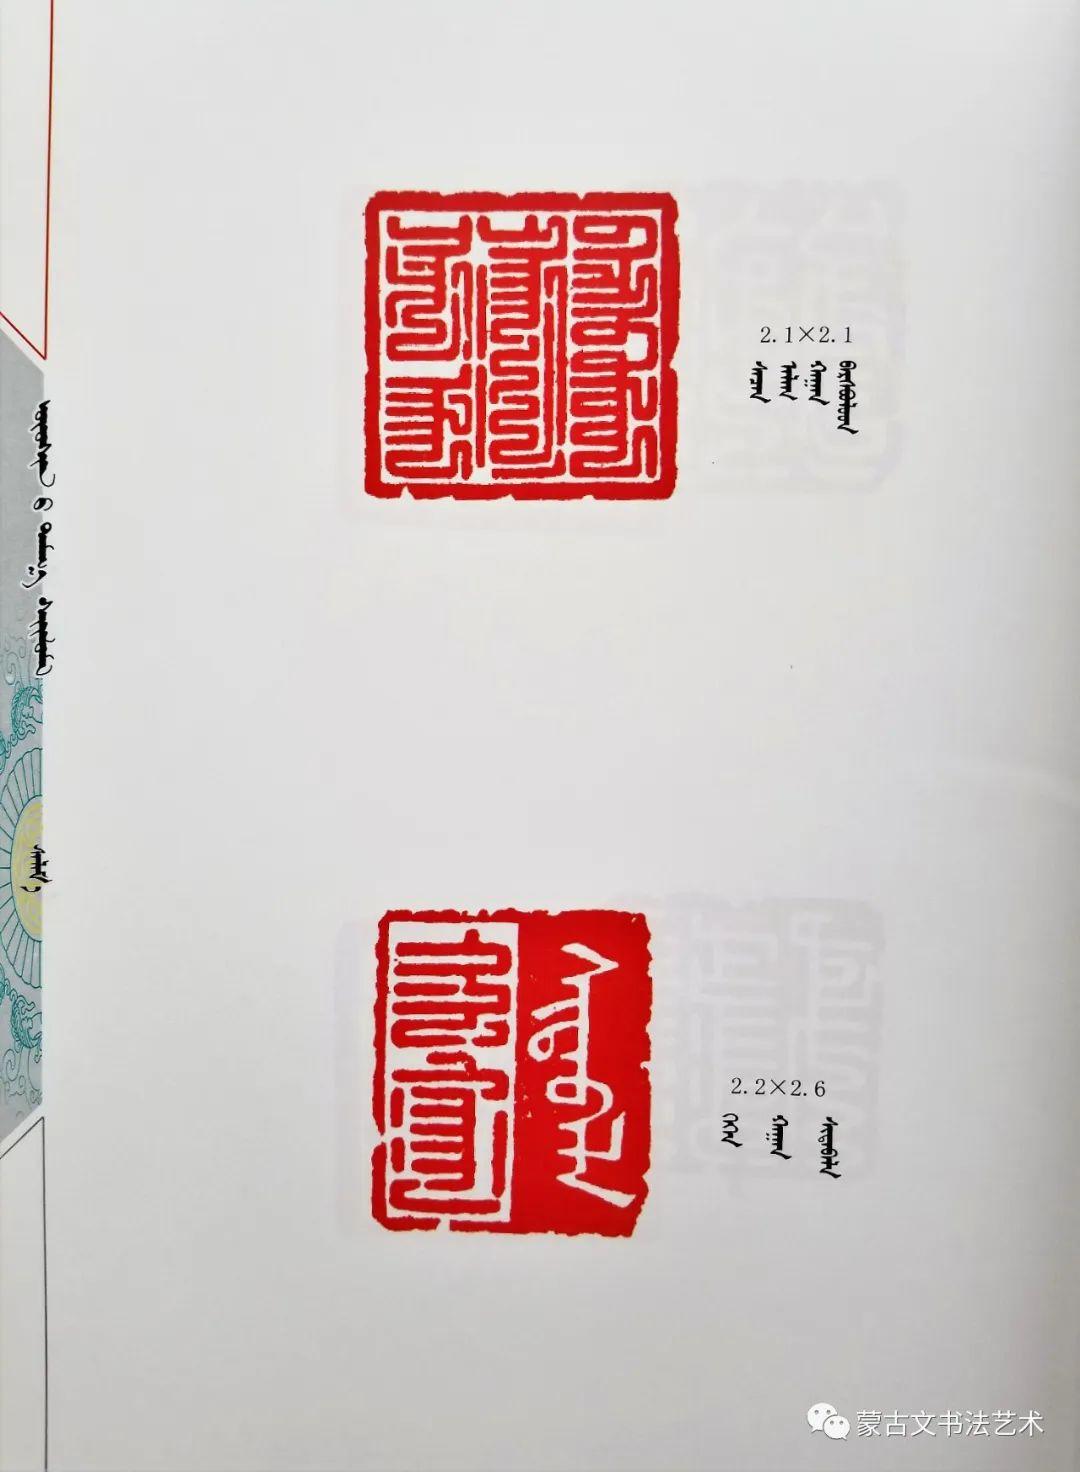 阿拉腾毕力格《乌审旗书法与篆刻精选》 第19张 阿拉腾毕力格《乌审旗书法与篆刻精选》 蒙古书法